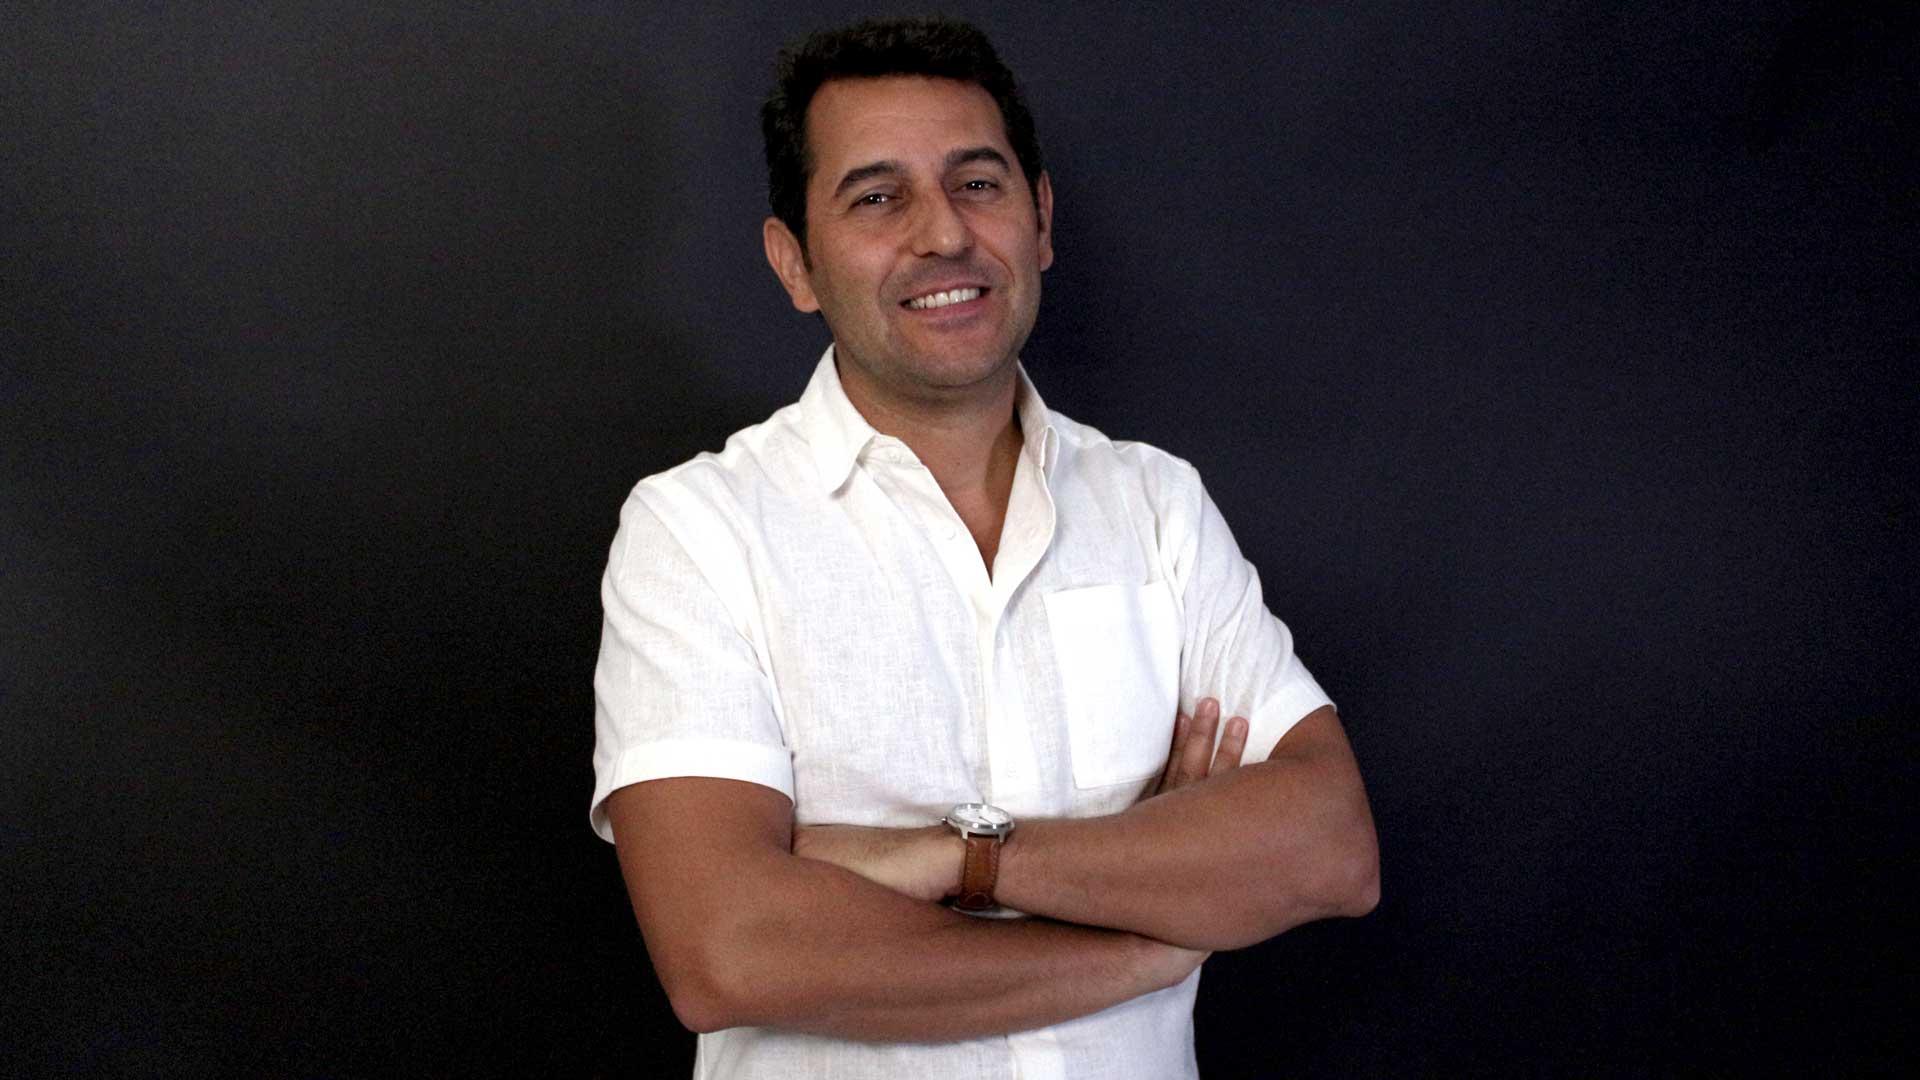 Entrevista a Manuel Arias Maldonado en The Objective